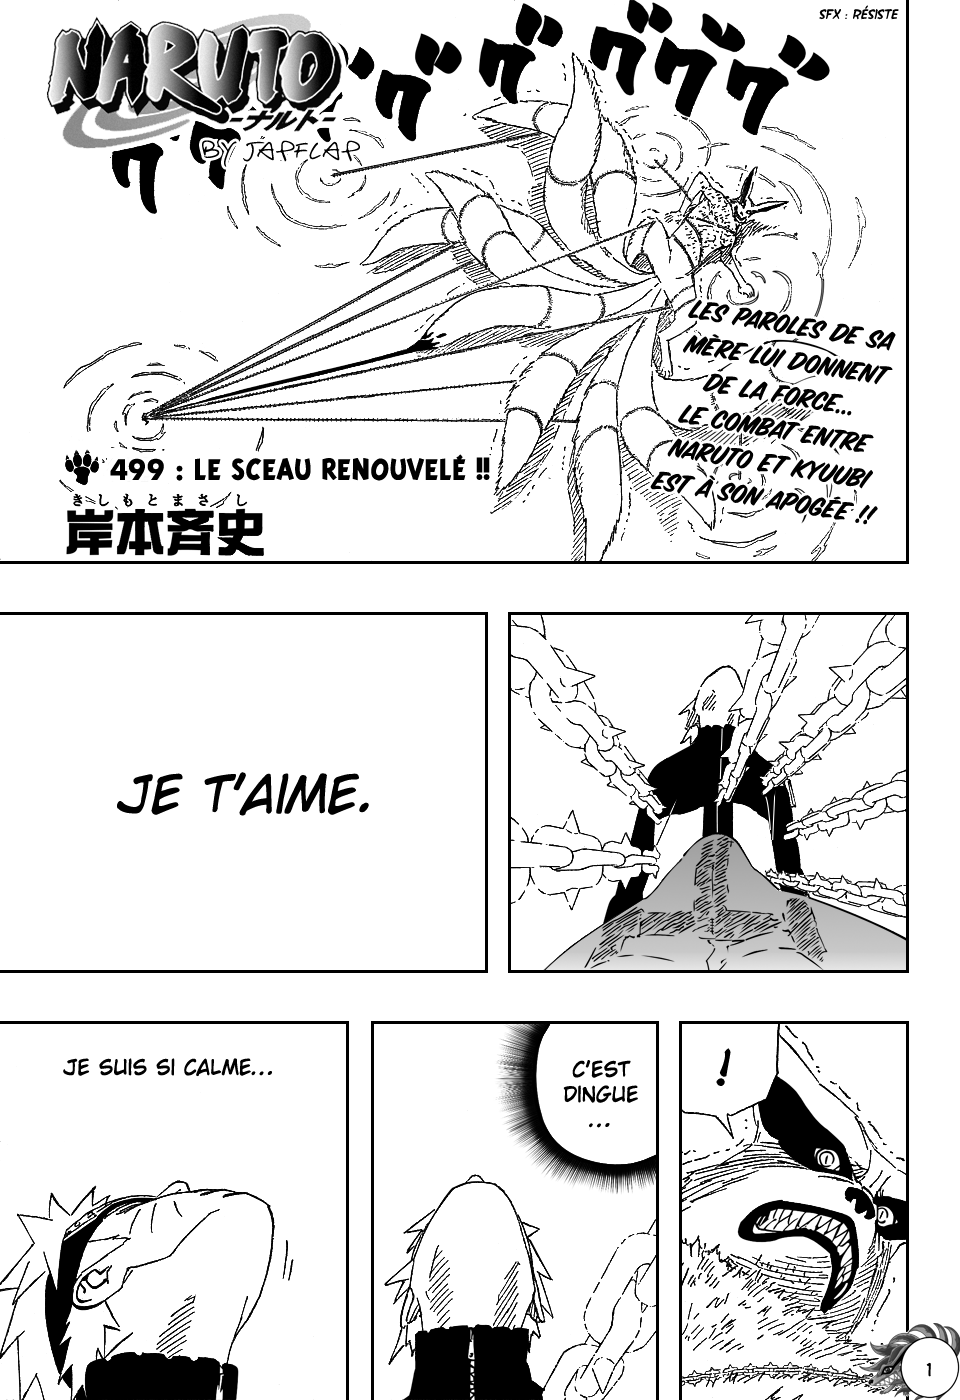 Naruto chapitre 499 - Page 1